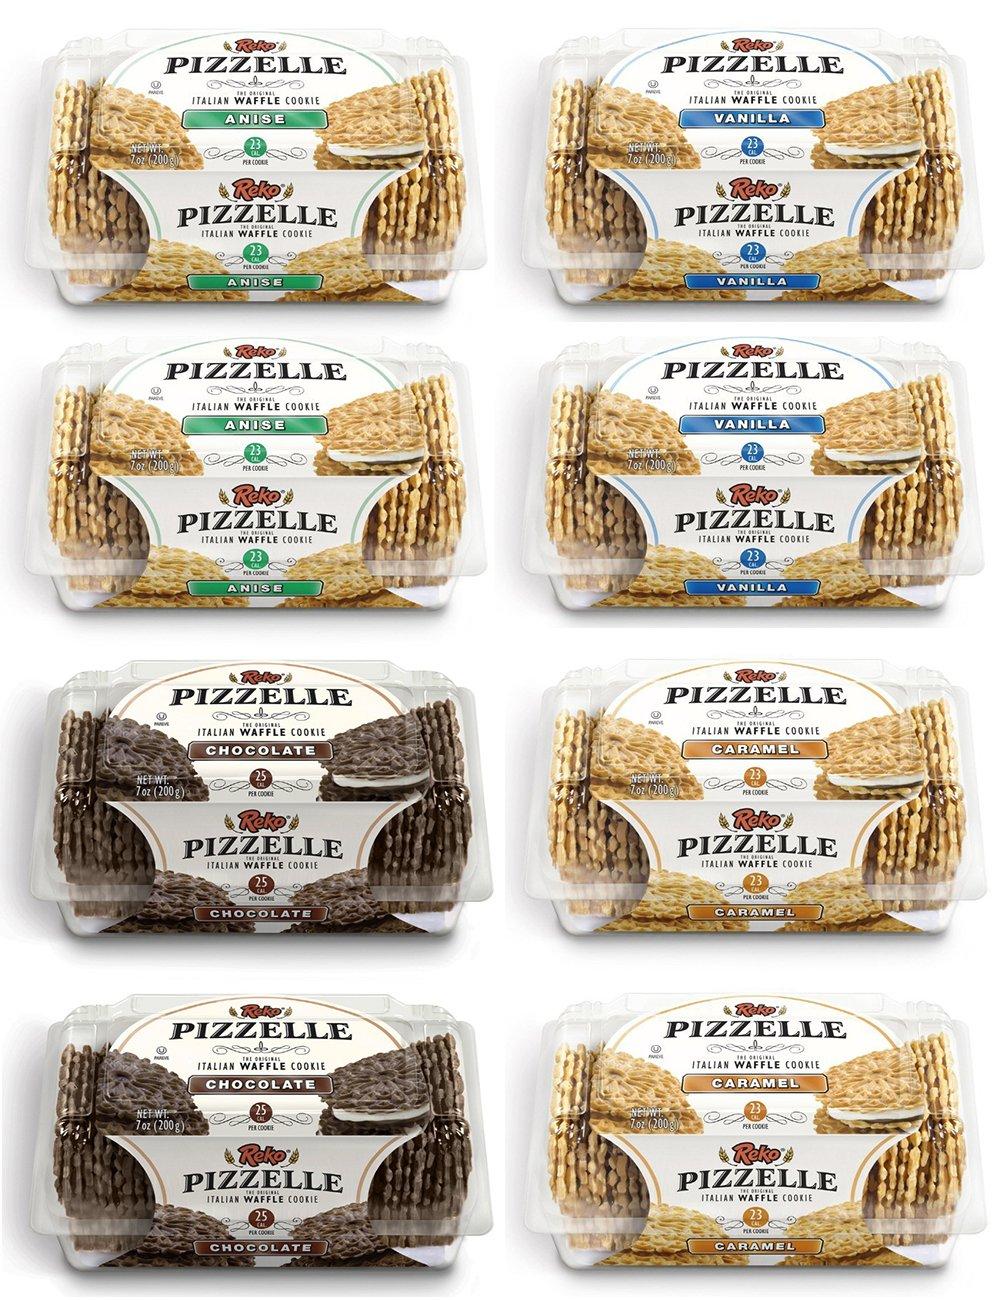 Reko Pizzelle Cookies 4 Flavor Samplers - Anise, Chocolate, Caramel, Vanilla (8 Pack) by Reko